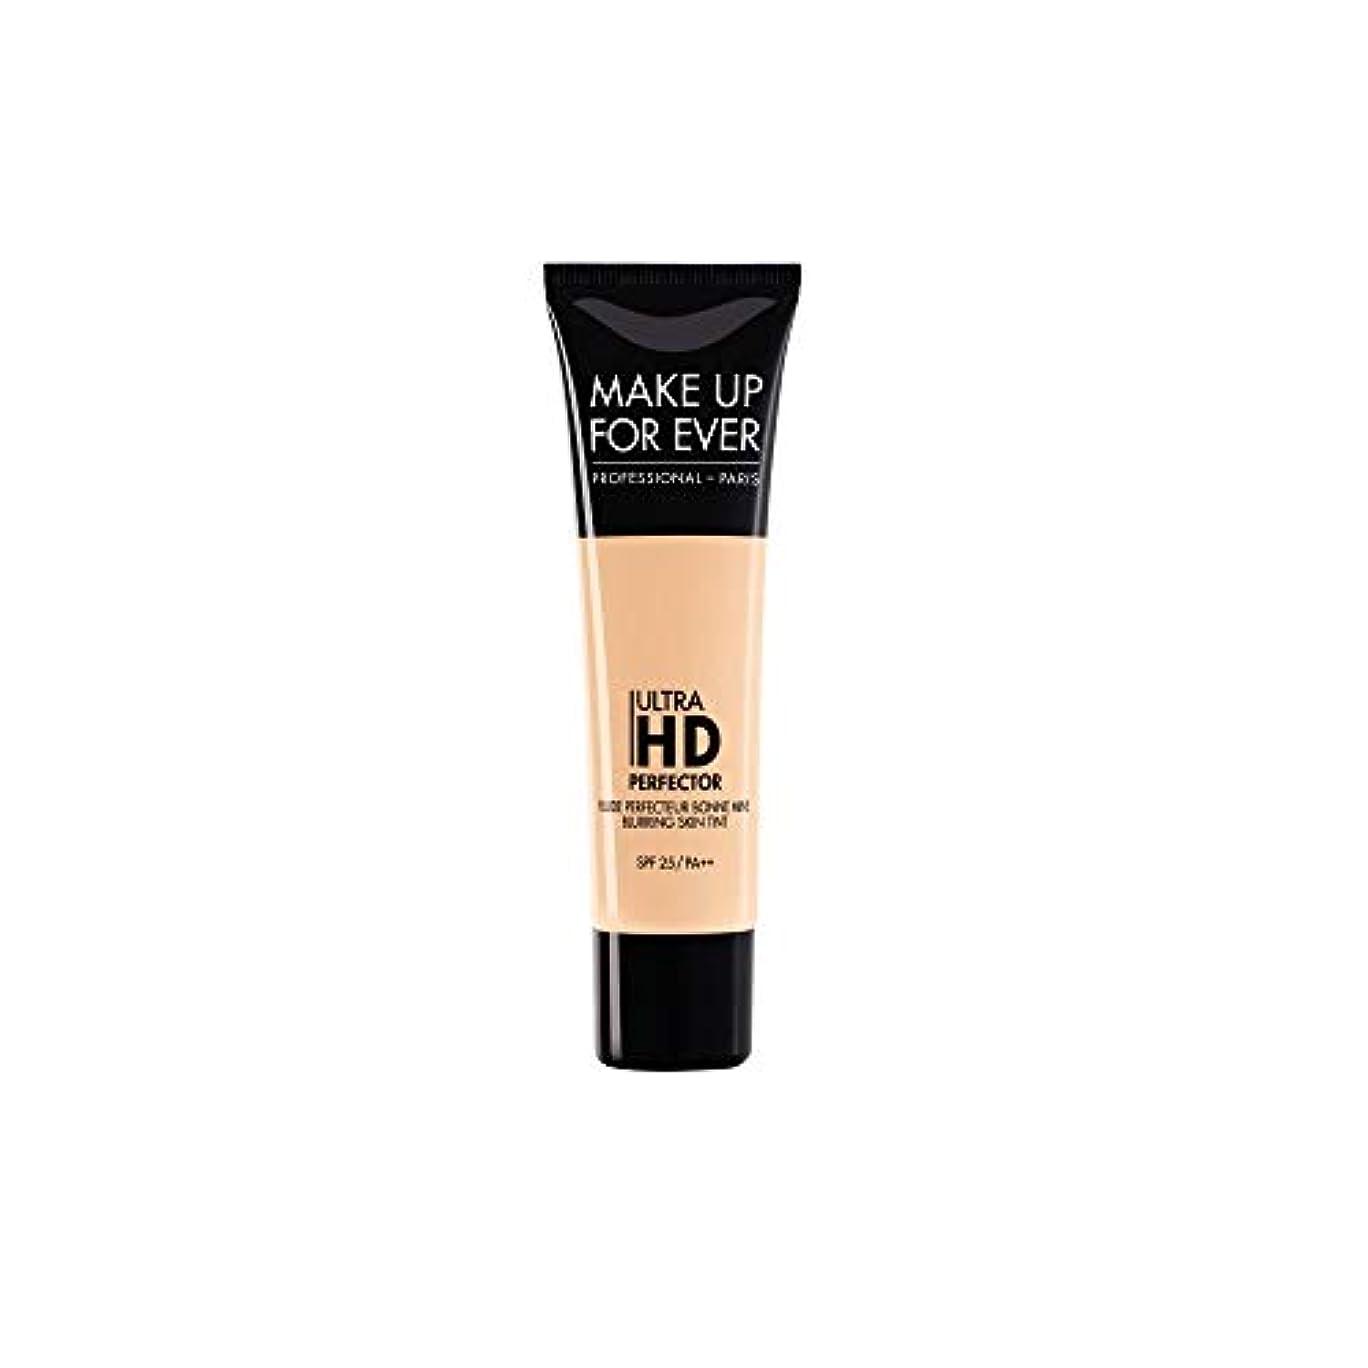 若さ追い出す置くためにパックメイクアップフォーエバー Ultra HD Perfector Blurring Skin Tint SPF25 - # 02 Pink Sand 30ml/1.01oz並行輸入品